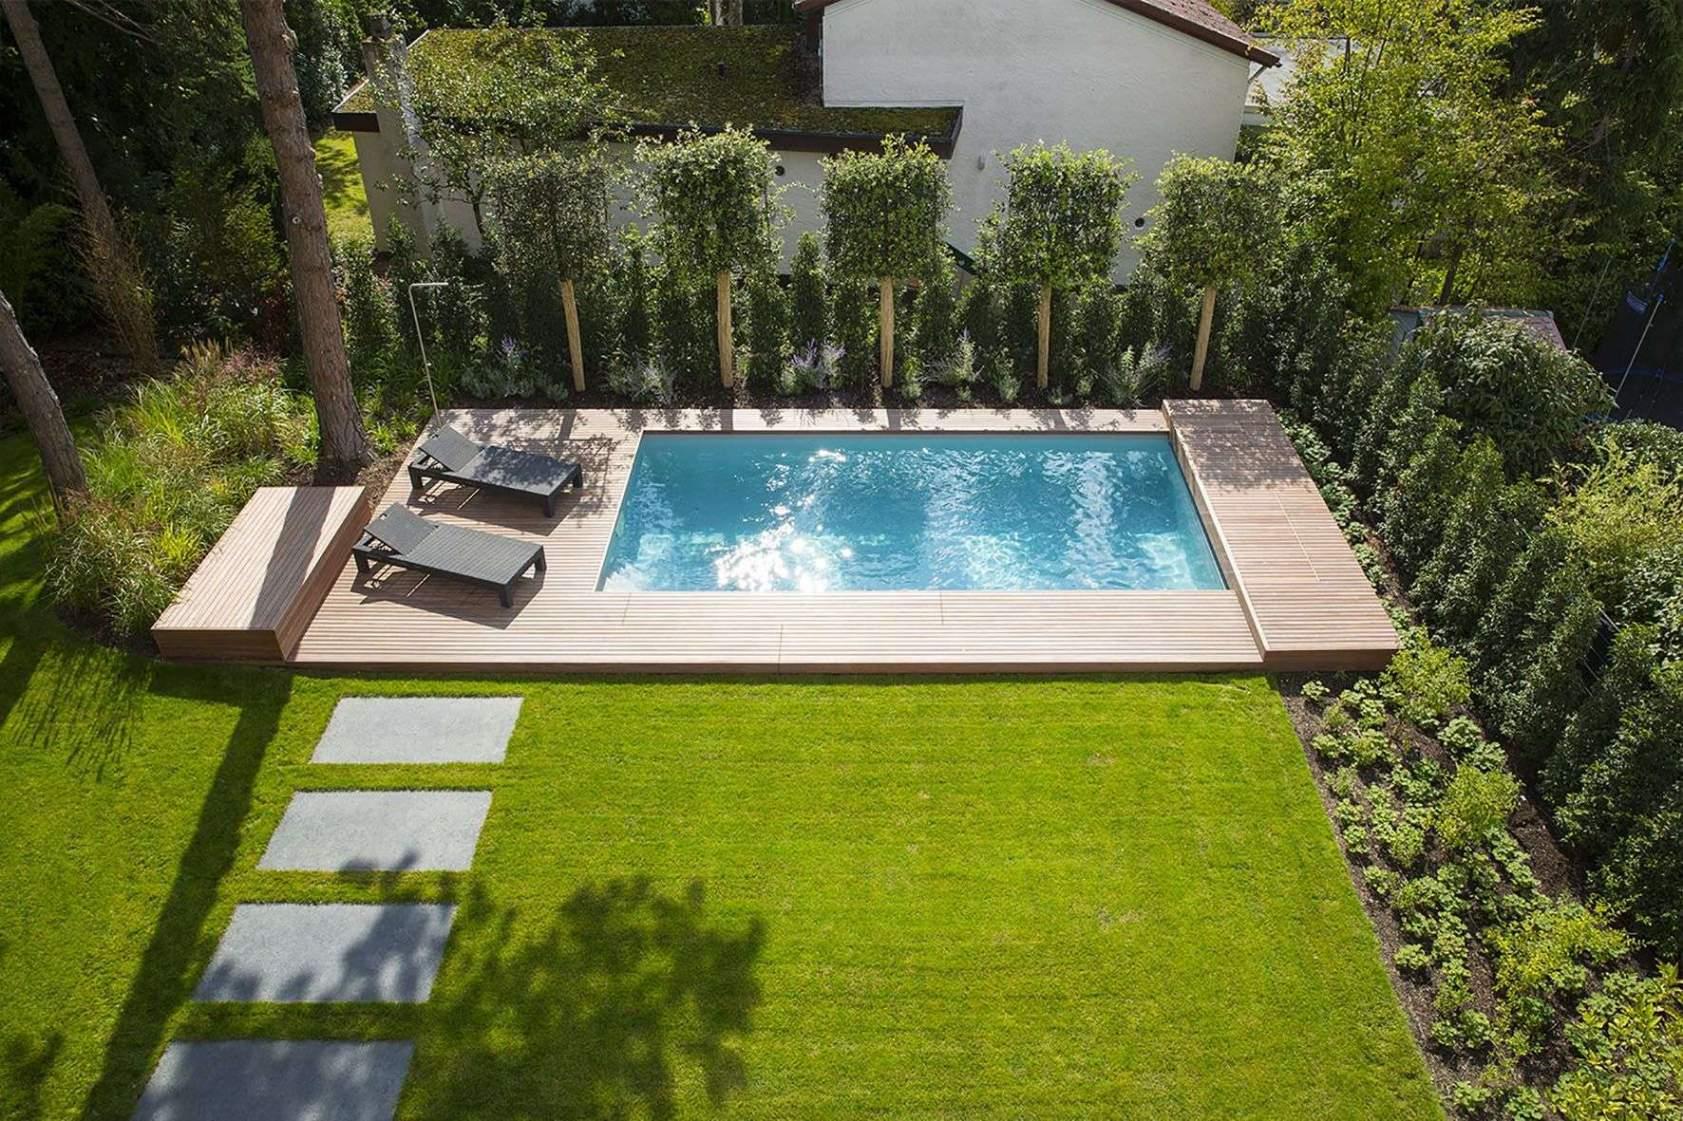 schone garten bilder inspirierend kleine pools fur kleine garten temobardz home blog of schone garten bilder 2